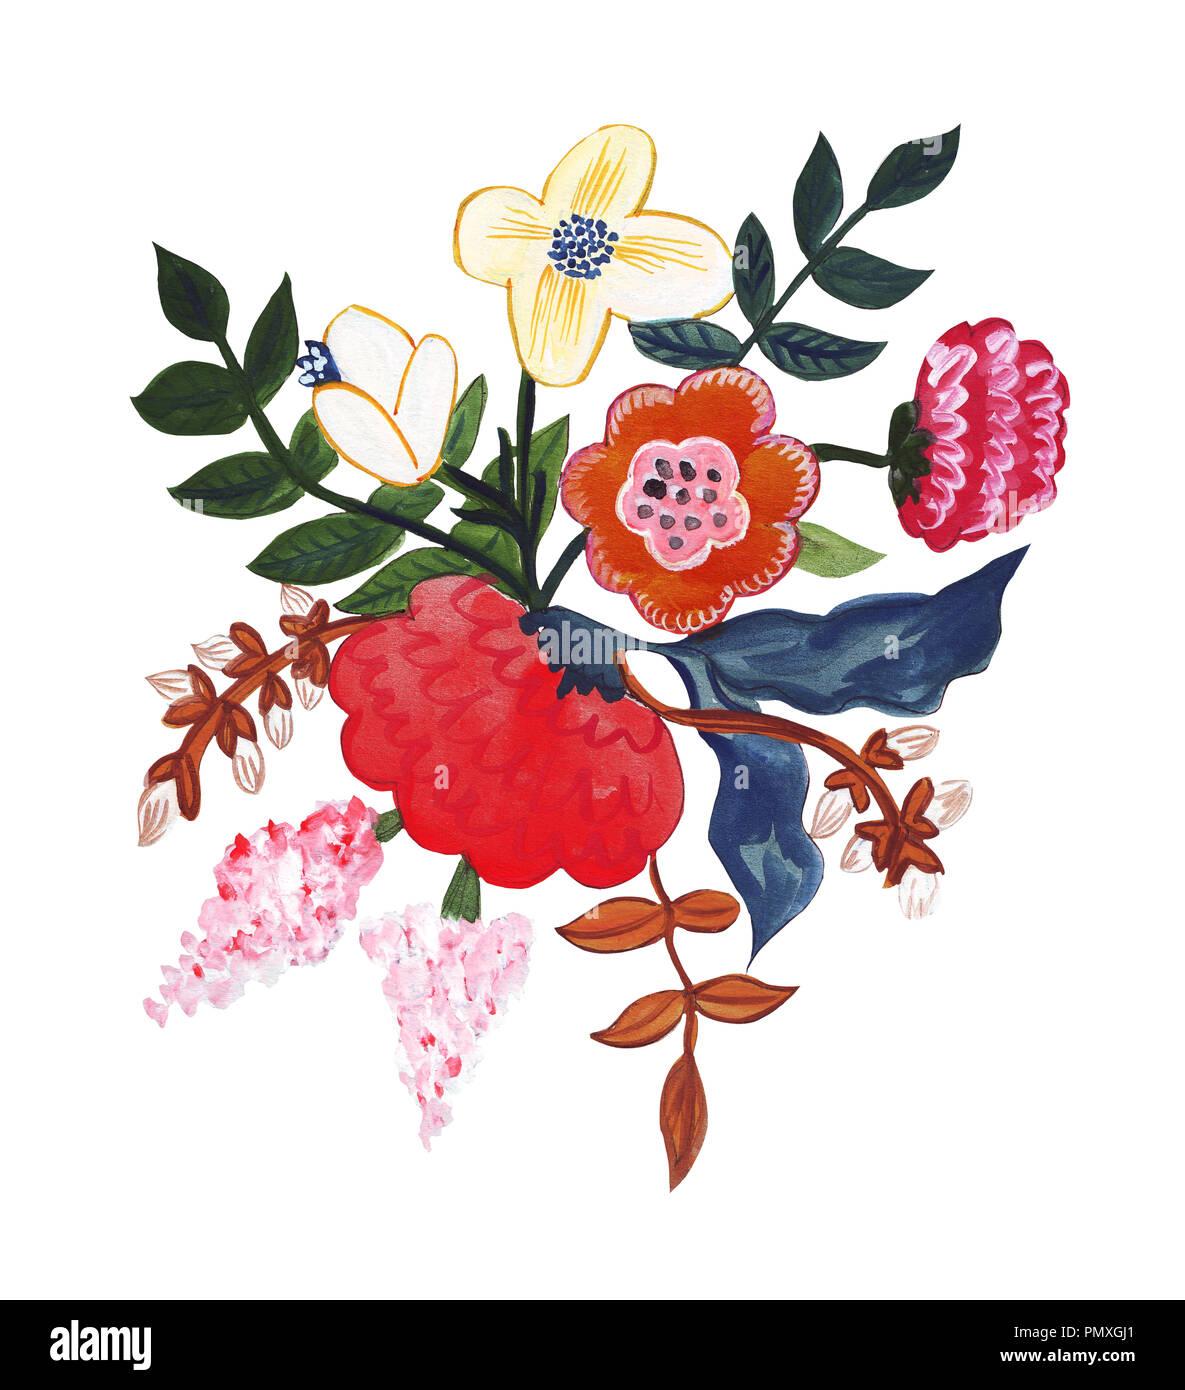 Abbildung Bleistiftzeichnung Strauß Blumen In Hellen Farben Für